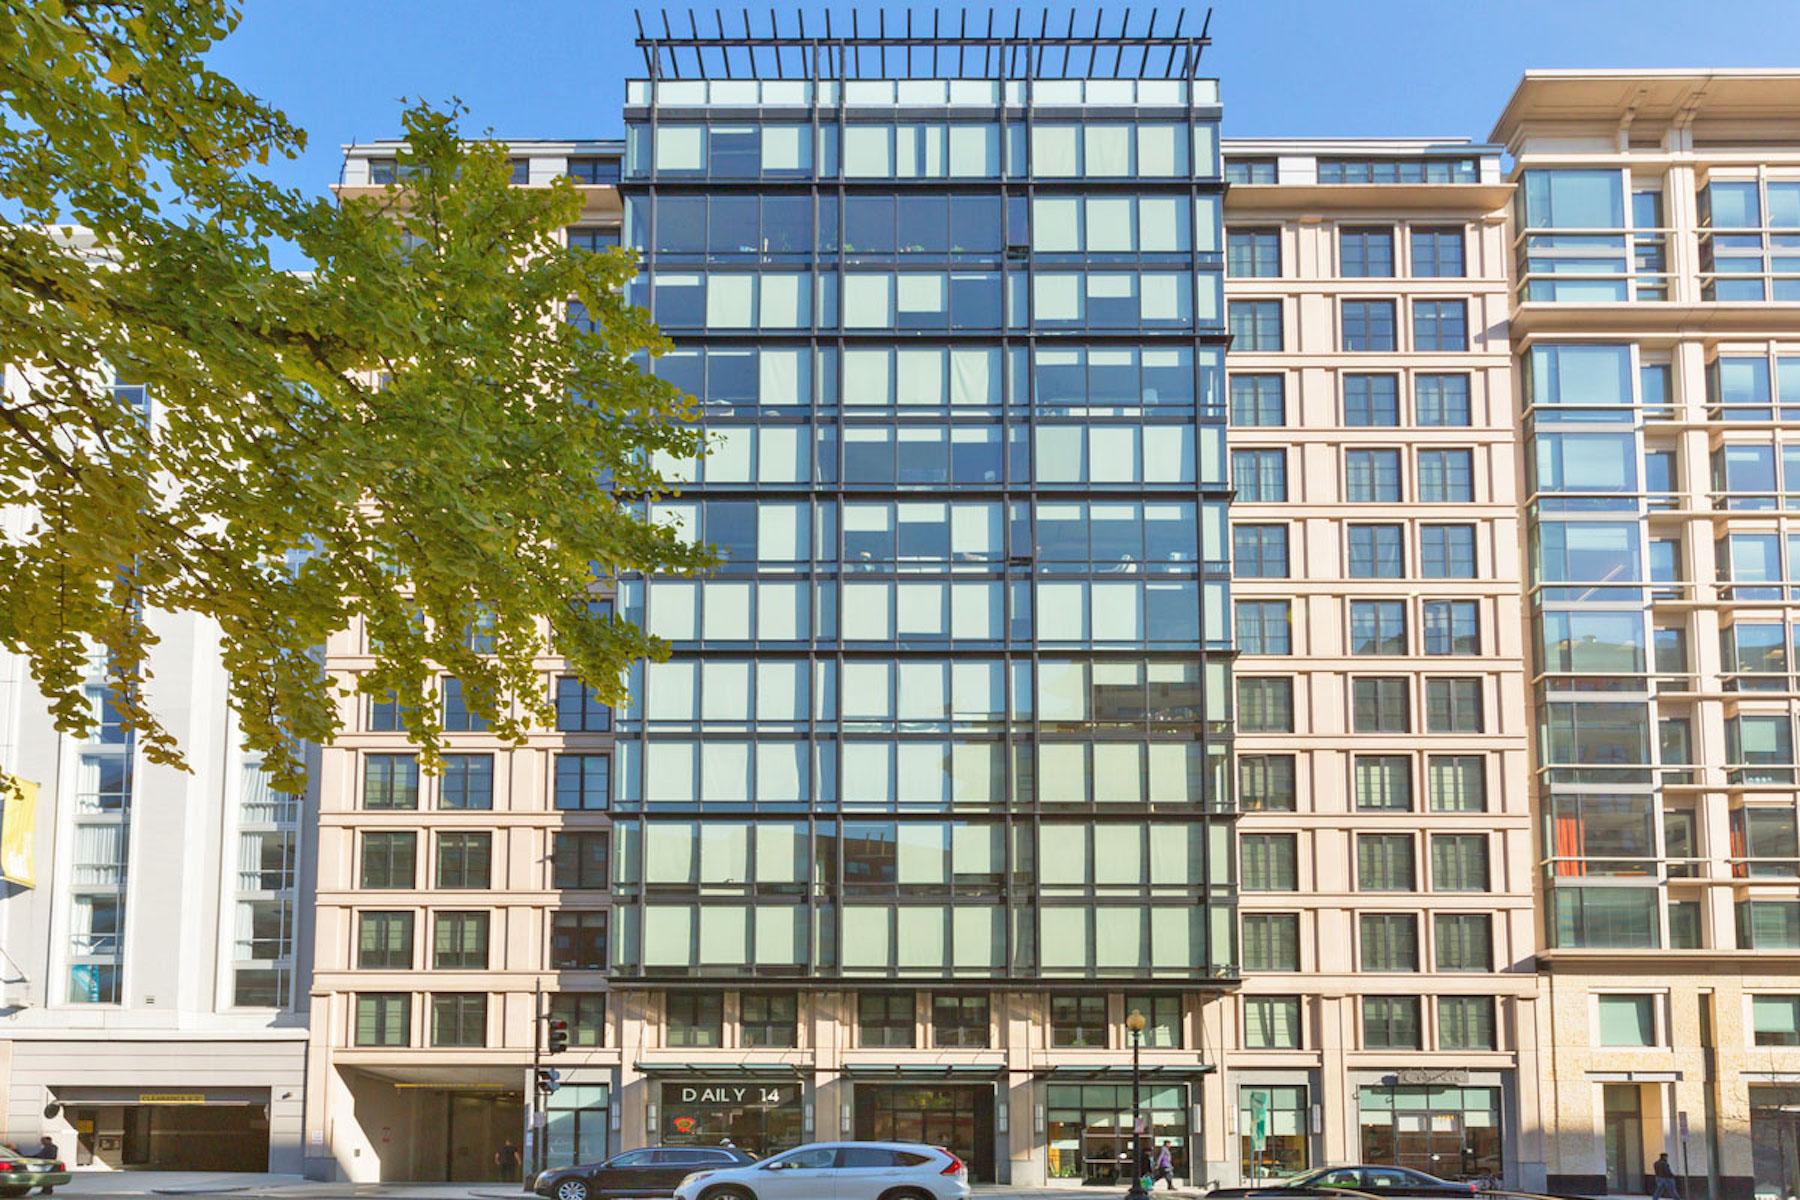 Condomínio para Venda às Downtown 1133 NW 14th Street Nw 910 Washington, Distrito De Columbia 20005 Estados Unidos